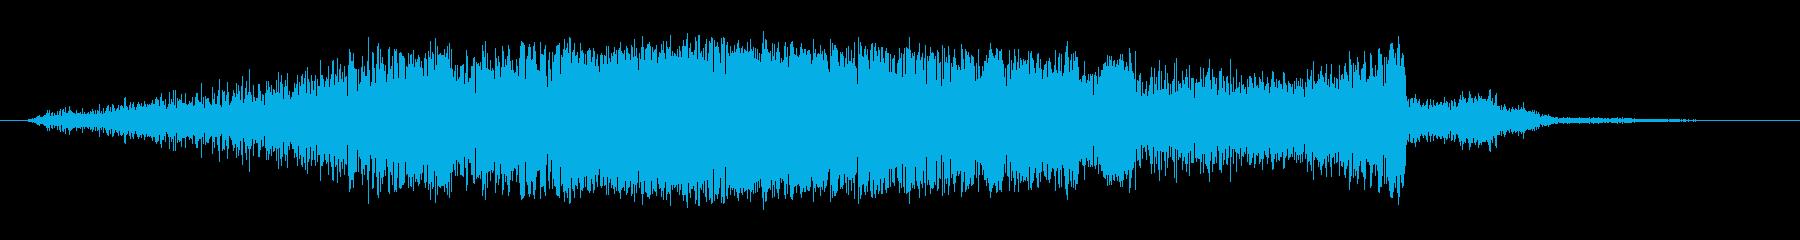 シャープホローノイズスイープ1の再生済みの波形